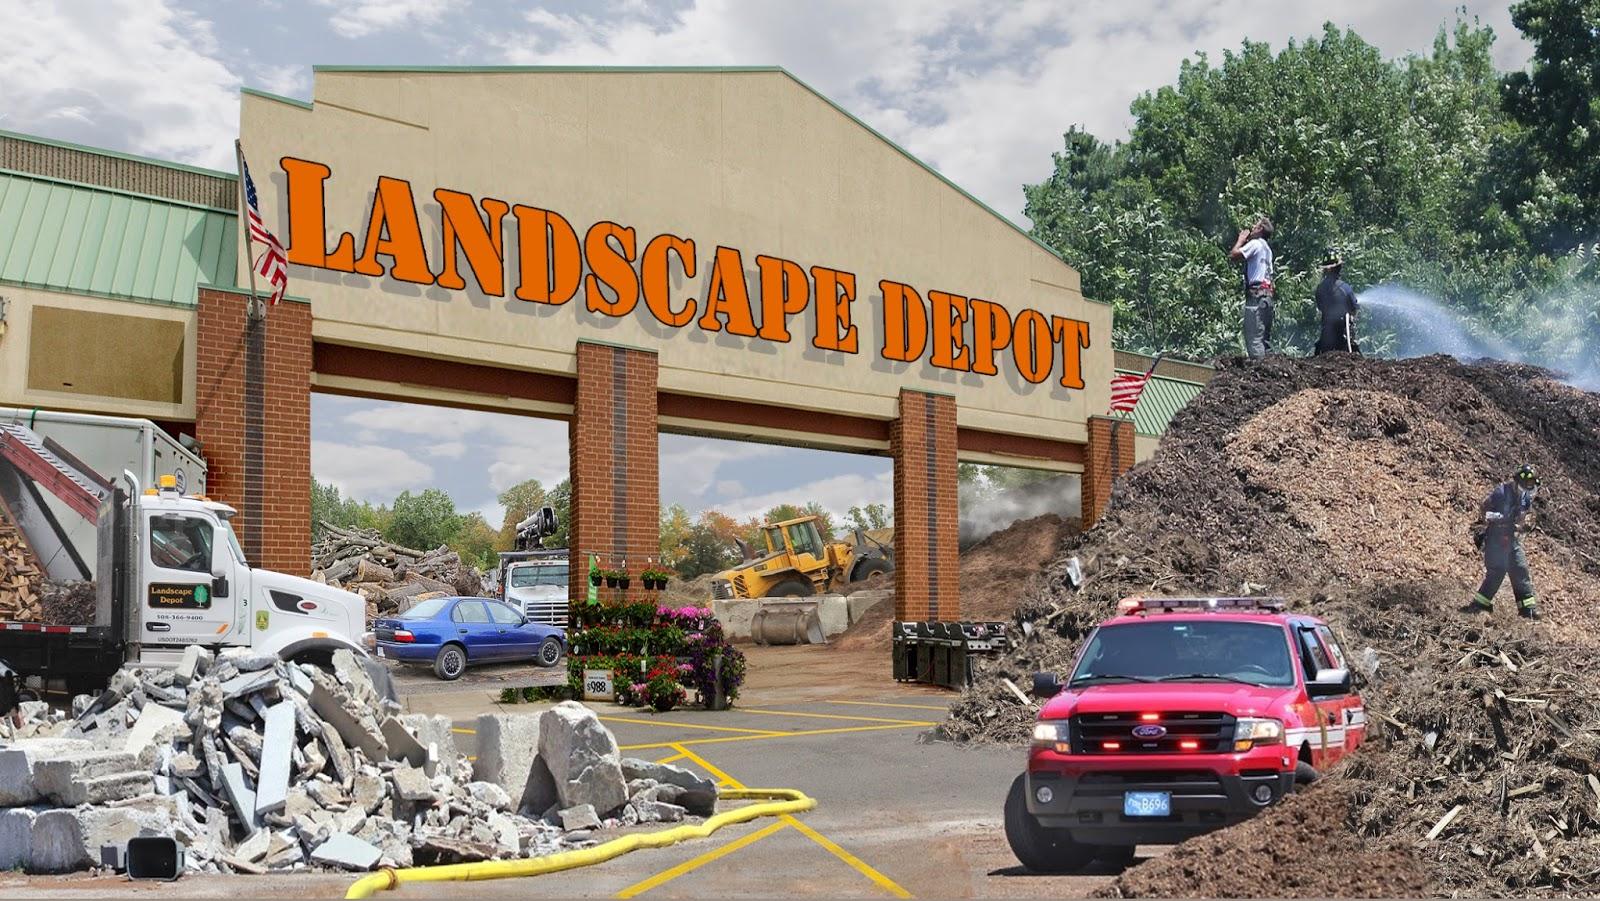 Framingham matters for Landscape depot